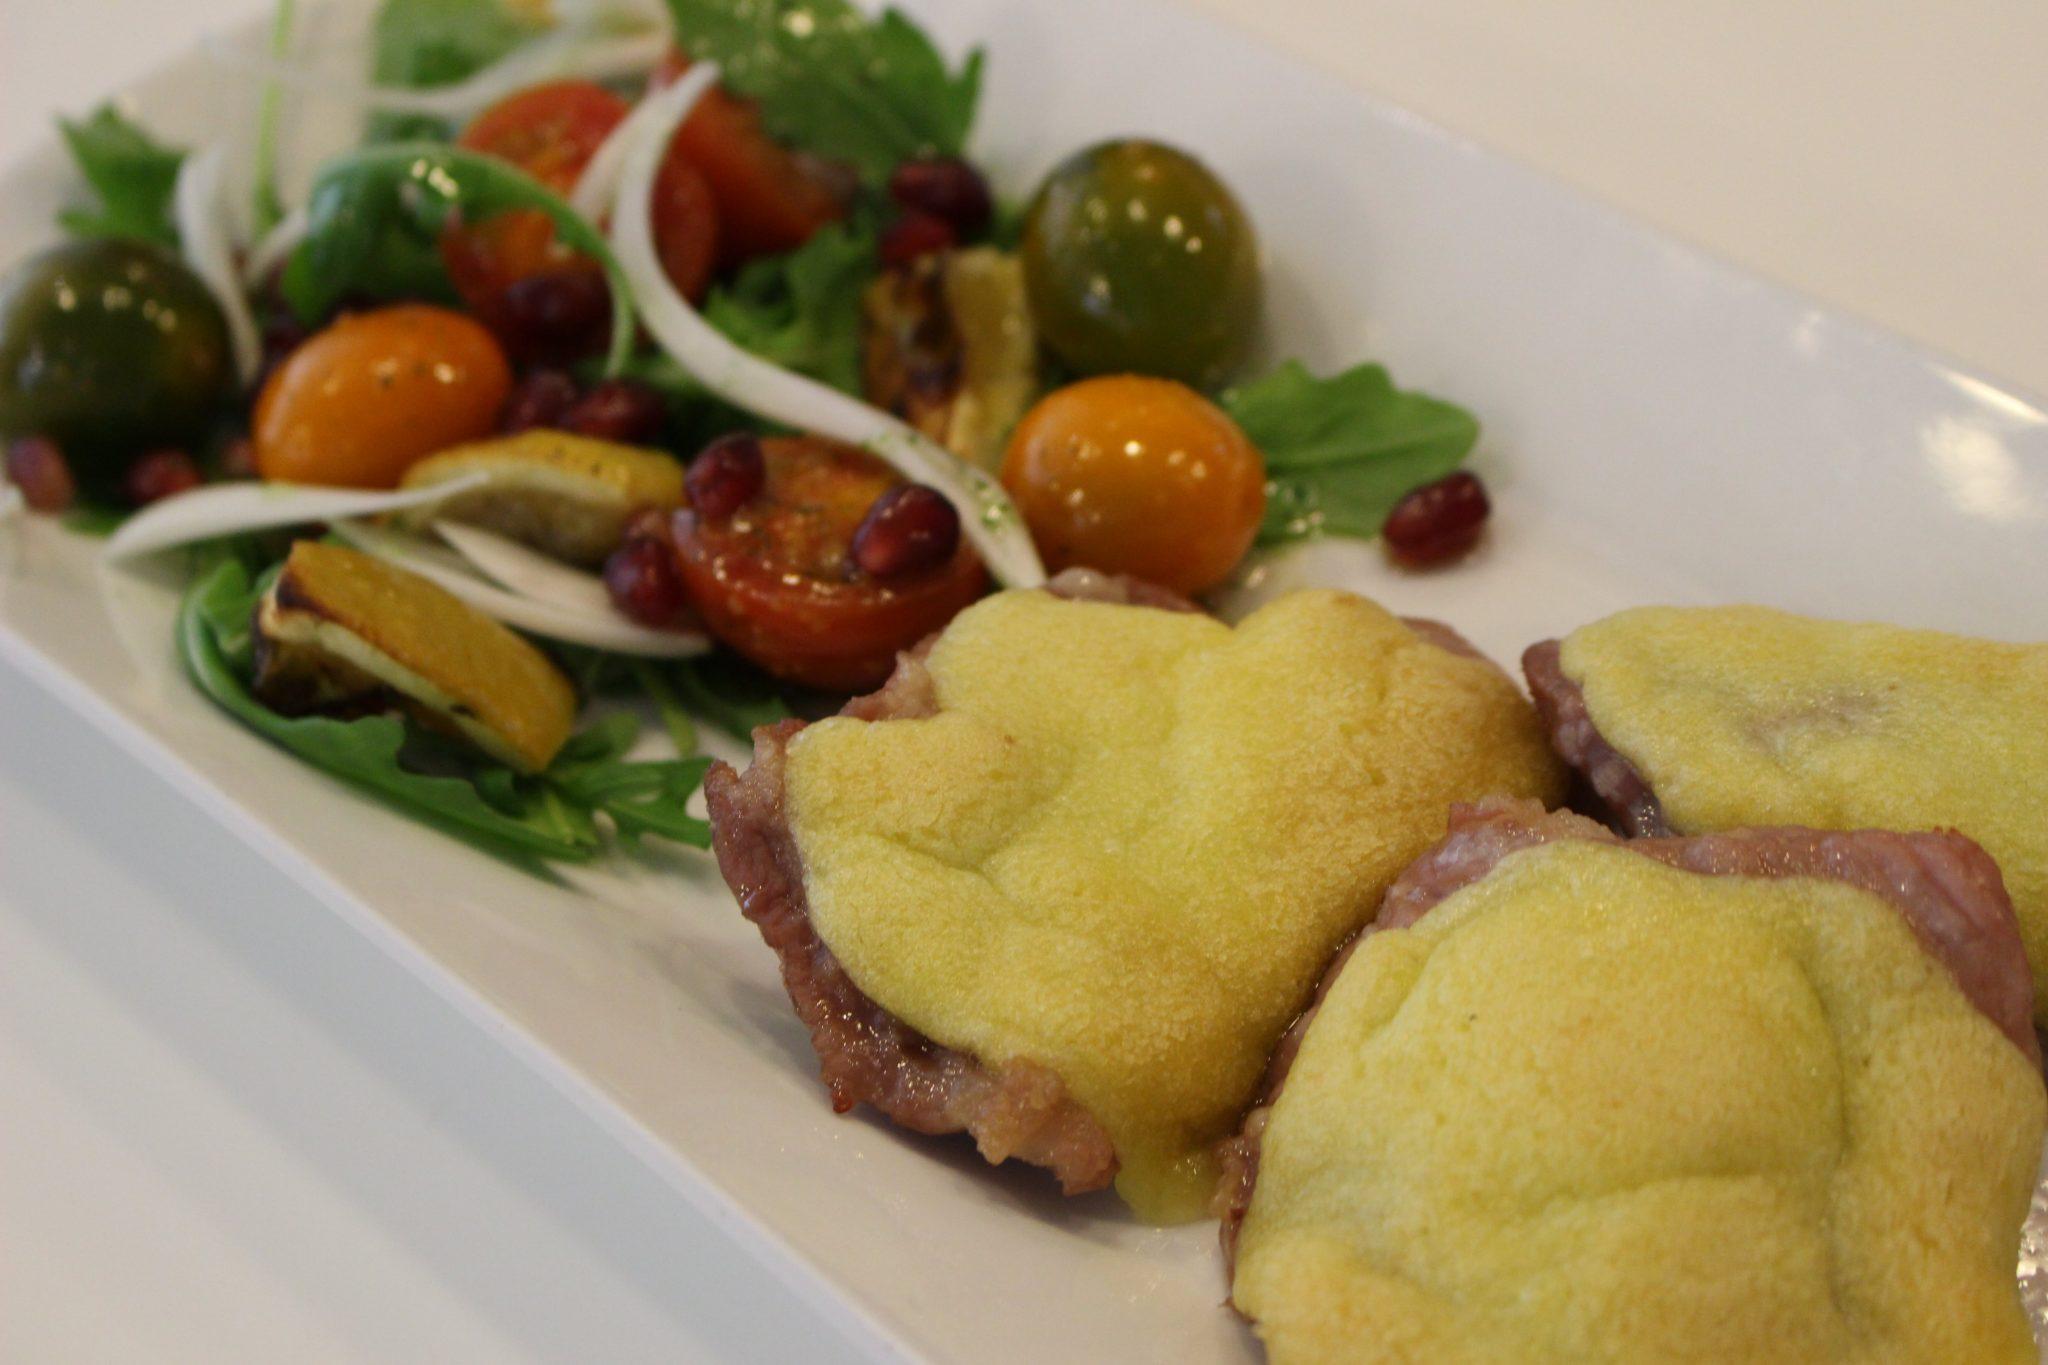 Pluma ibeėrica con ali-oli de romero y ensalada tomates y limones escuela de cocina telva